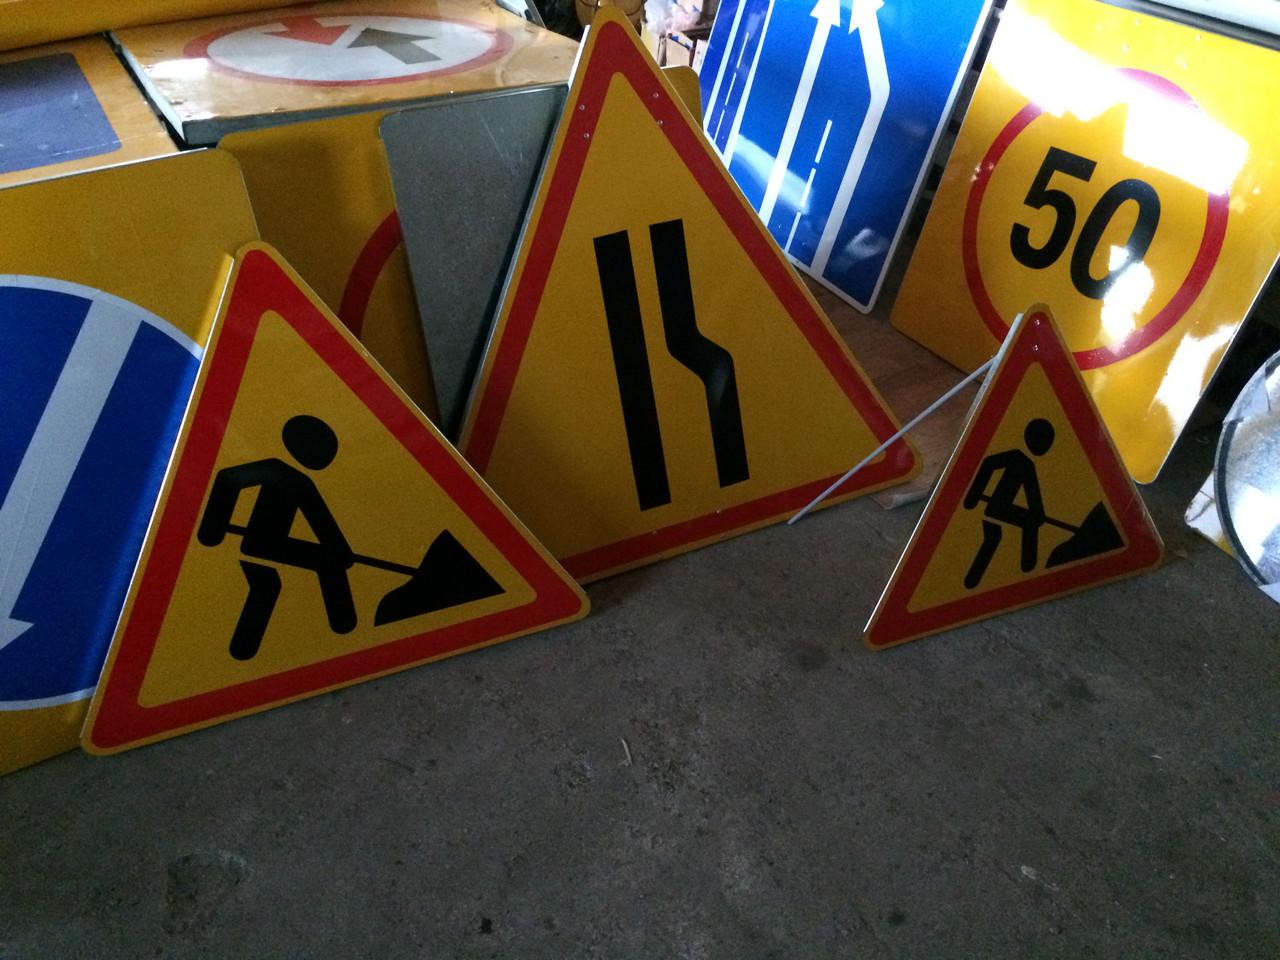 Ни один дорожный знак на трассе Алматы-Астана не соответствует ГОСТу